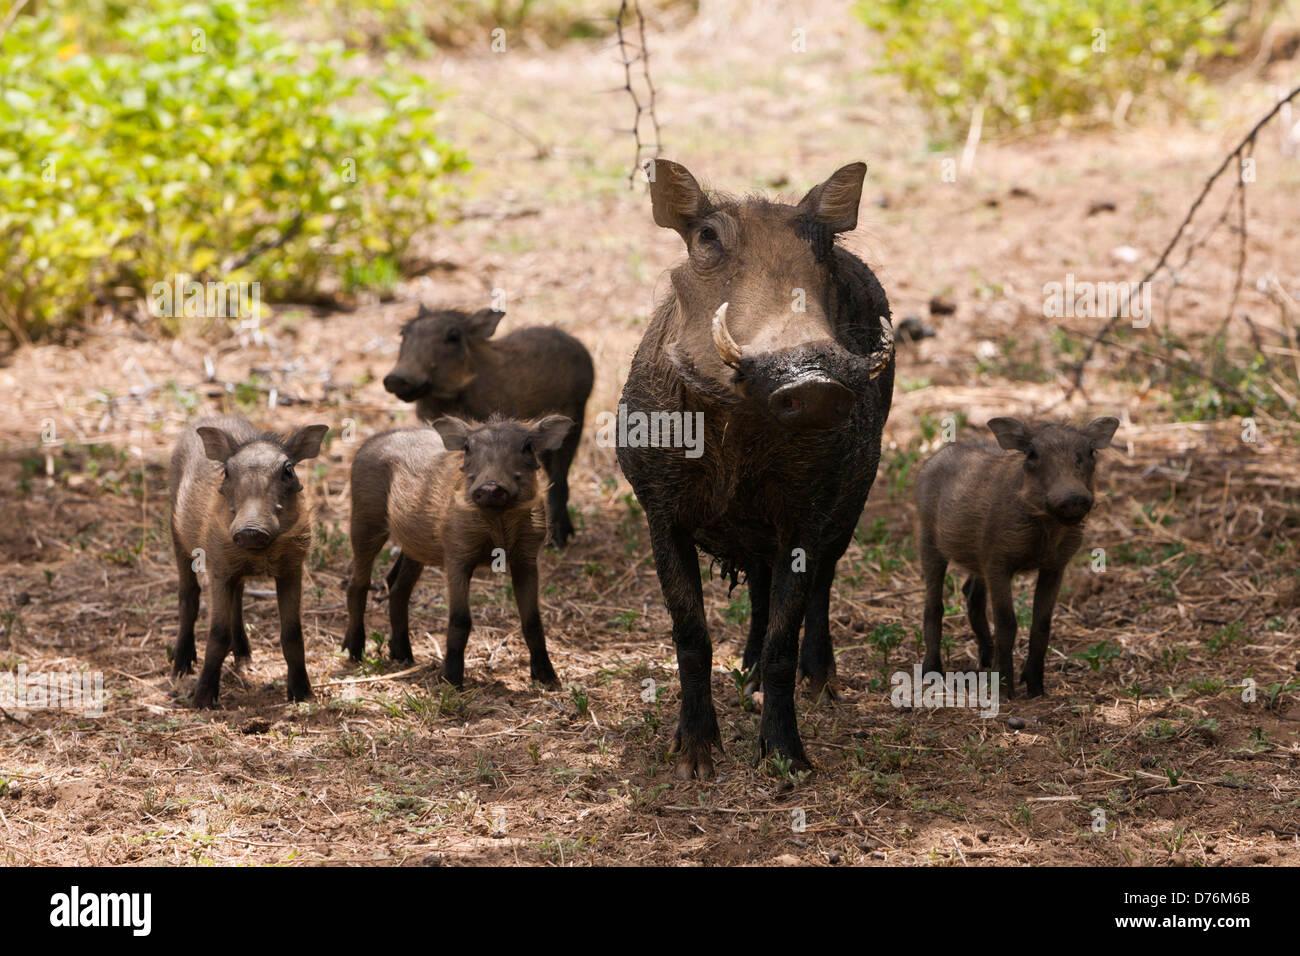 Common Warthog, Phacochoerus africanus, Namibia - Stock Image